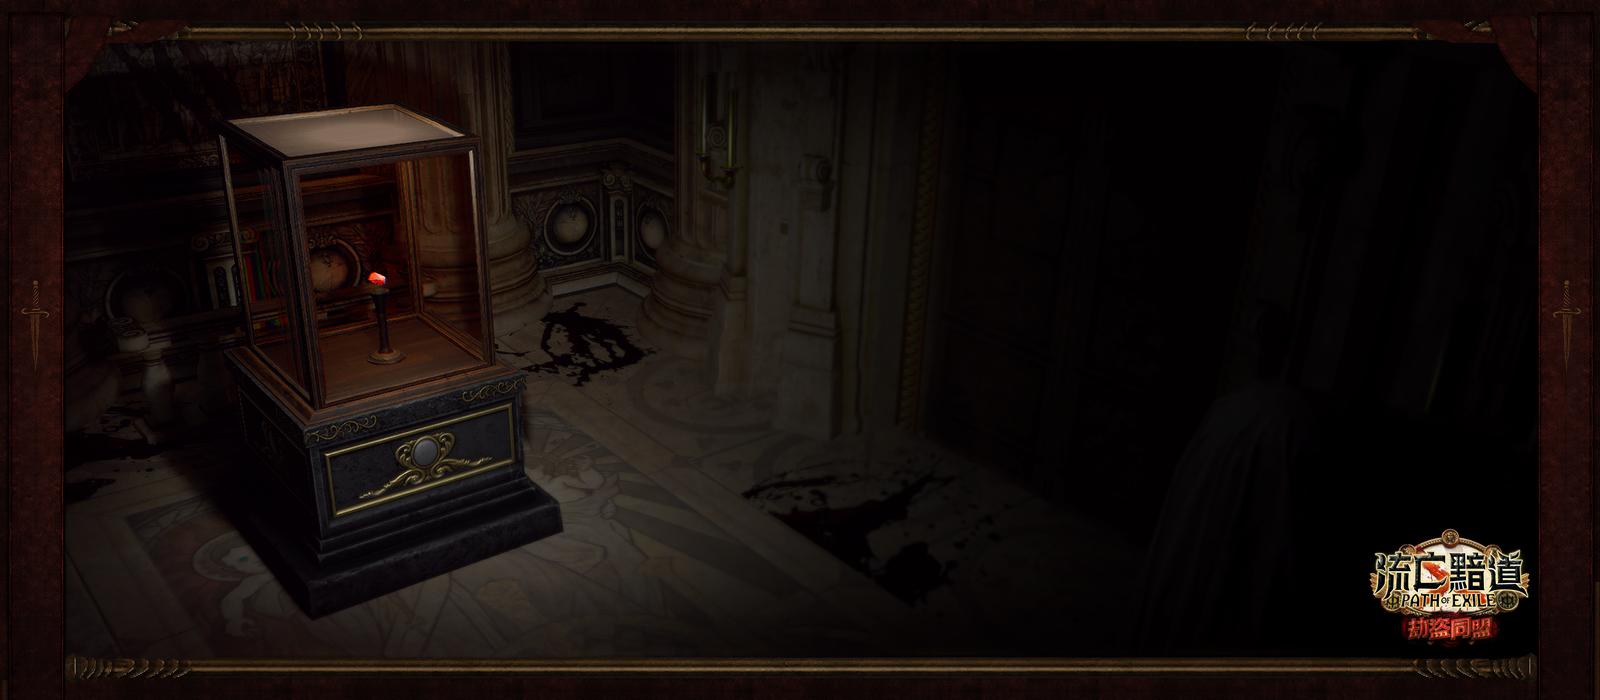 玩家在任務中也有機會獲得傳奇道具的贗品